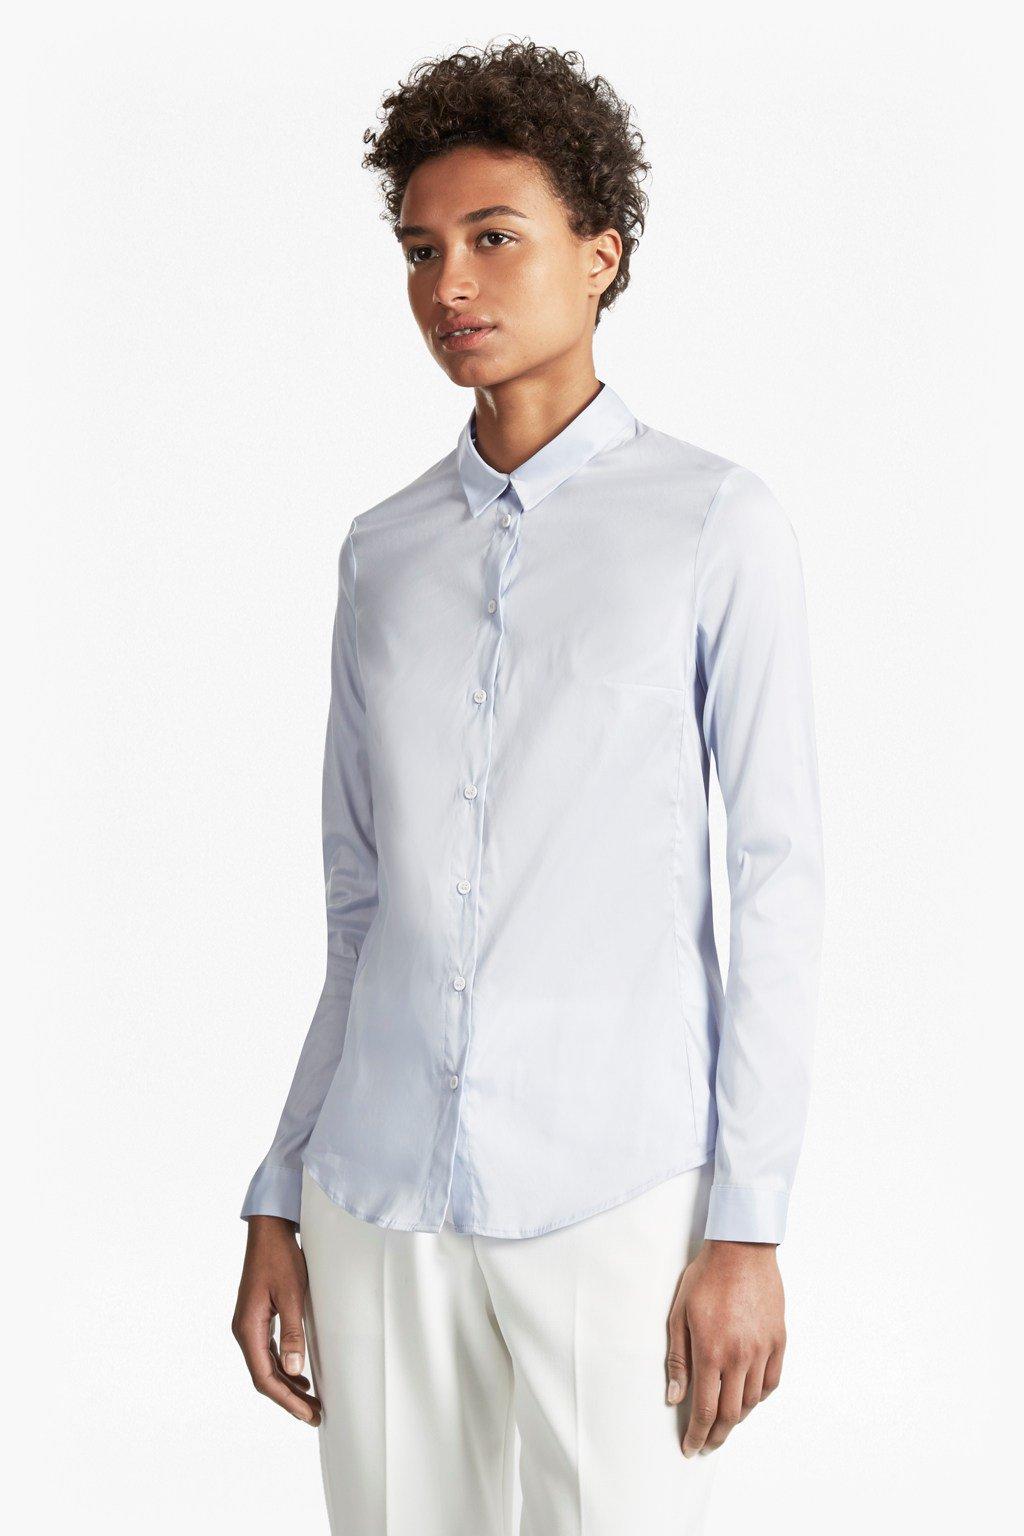 Crisp White Shirt for Over 60s